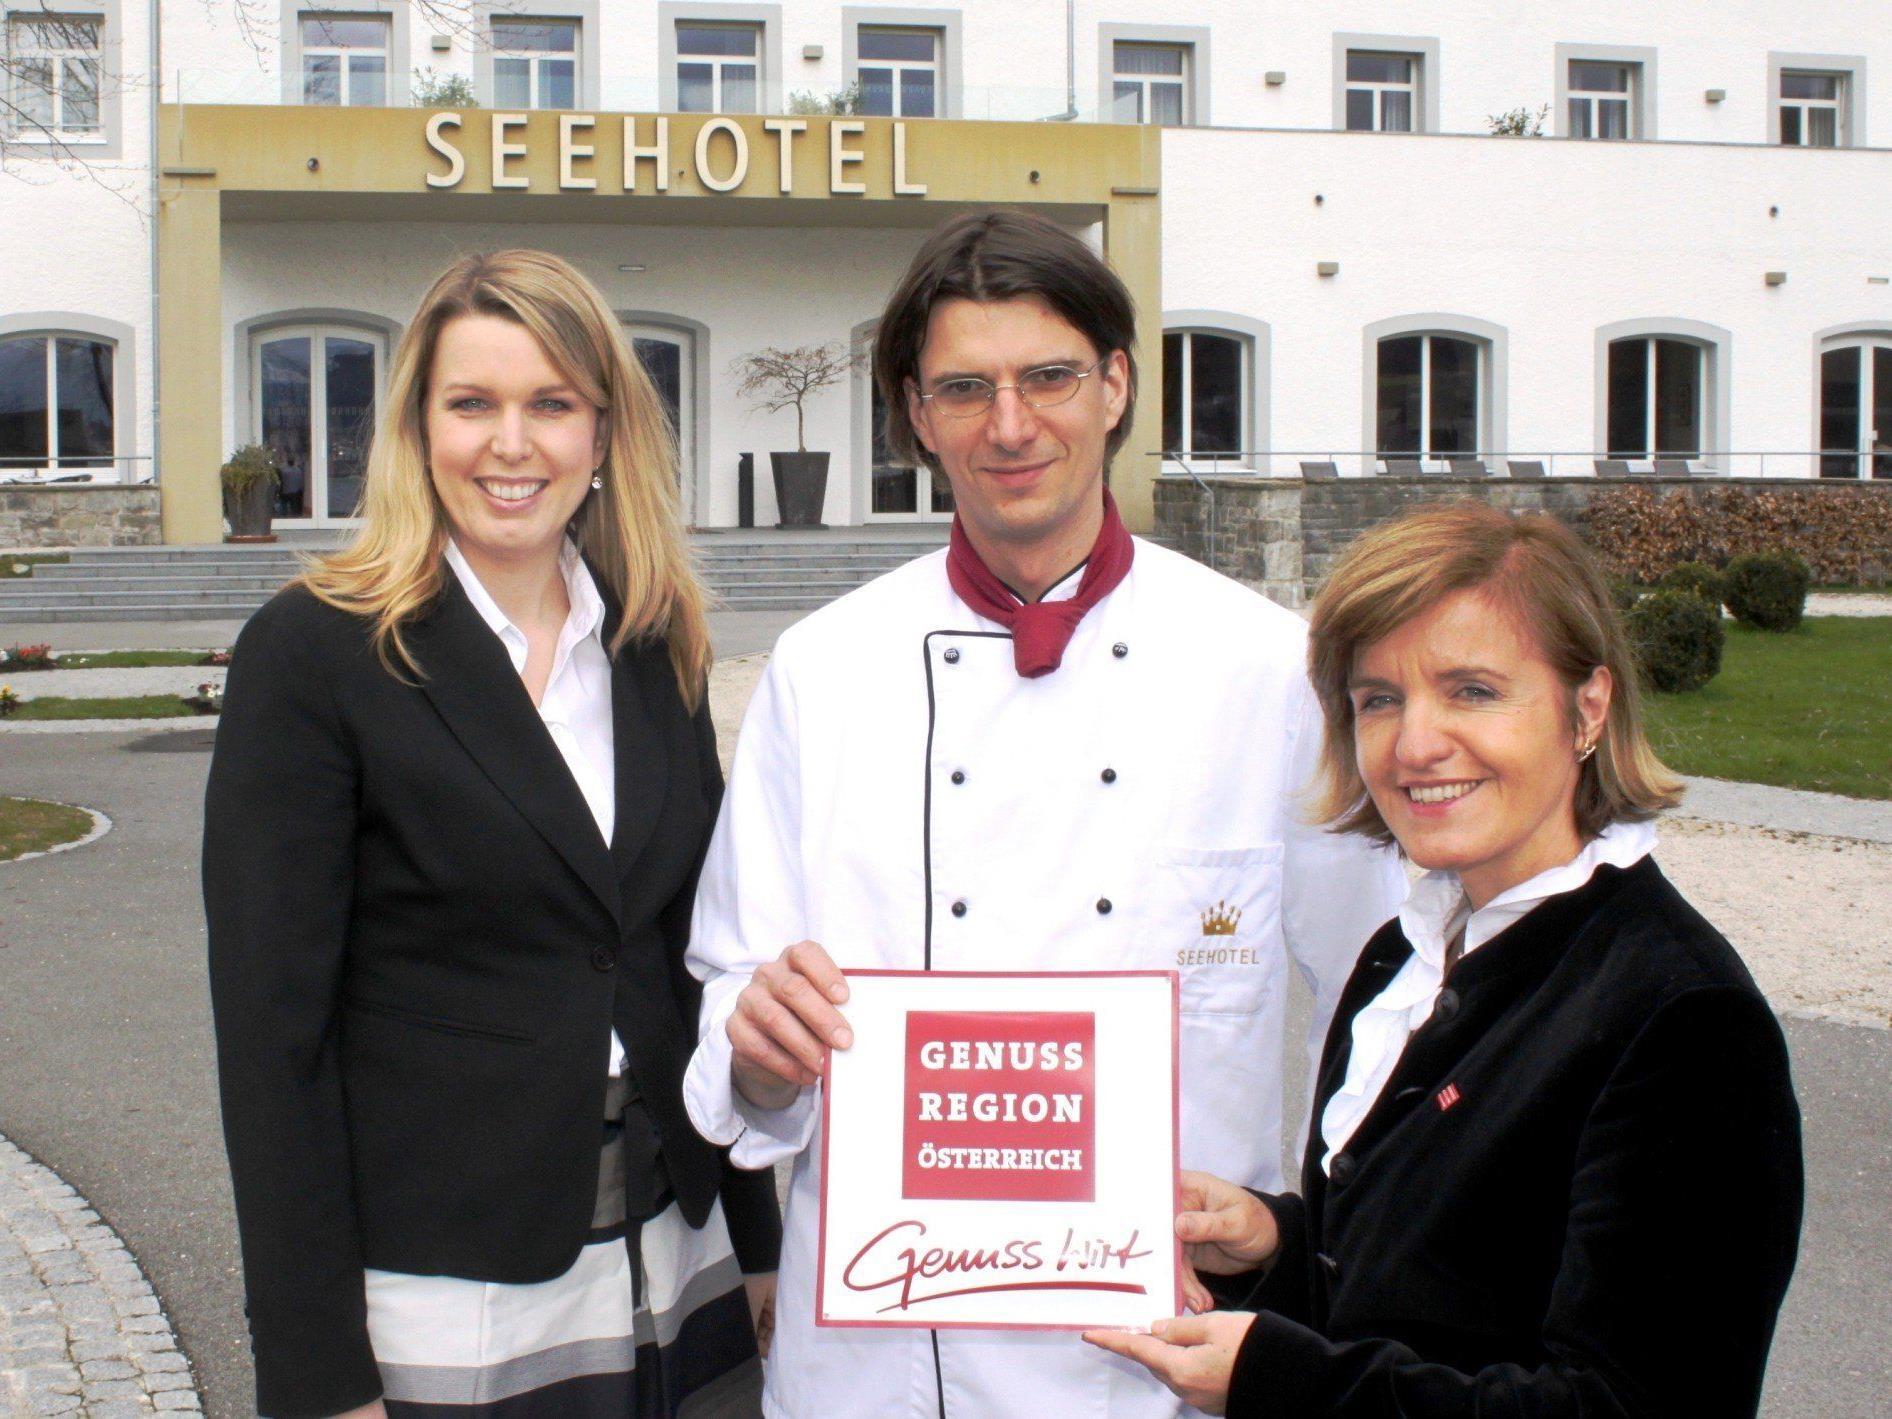 Annette Mätzler – Sales & Marketing Seehotel Am Kaiserstrand, Edwin Jürgens – Küchenchef Seehotel Am Kaiserstrand und Margareta Reichsthaler – Obfrau Genuss Region Österreich.